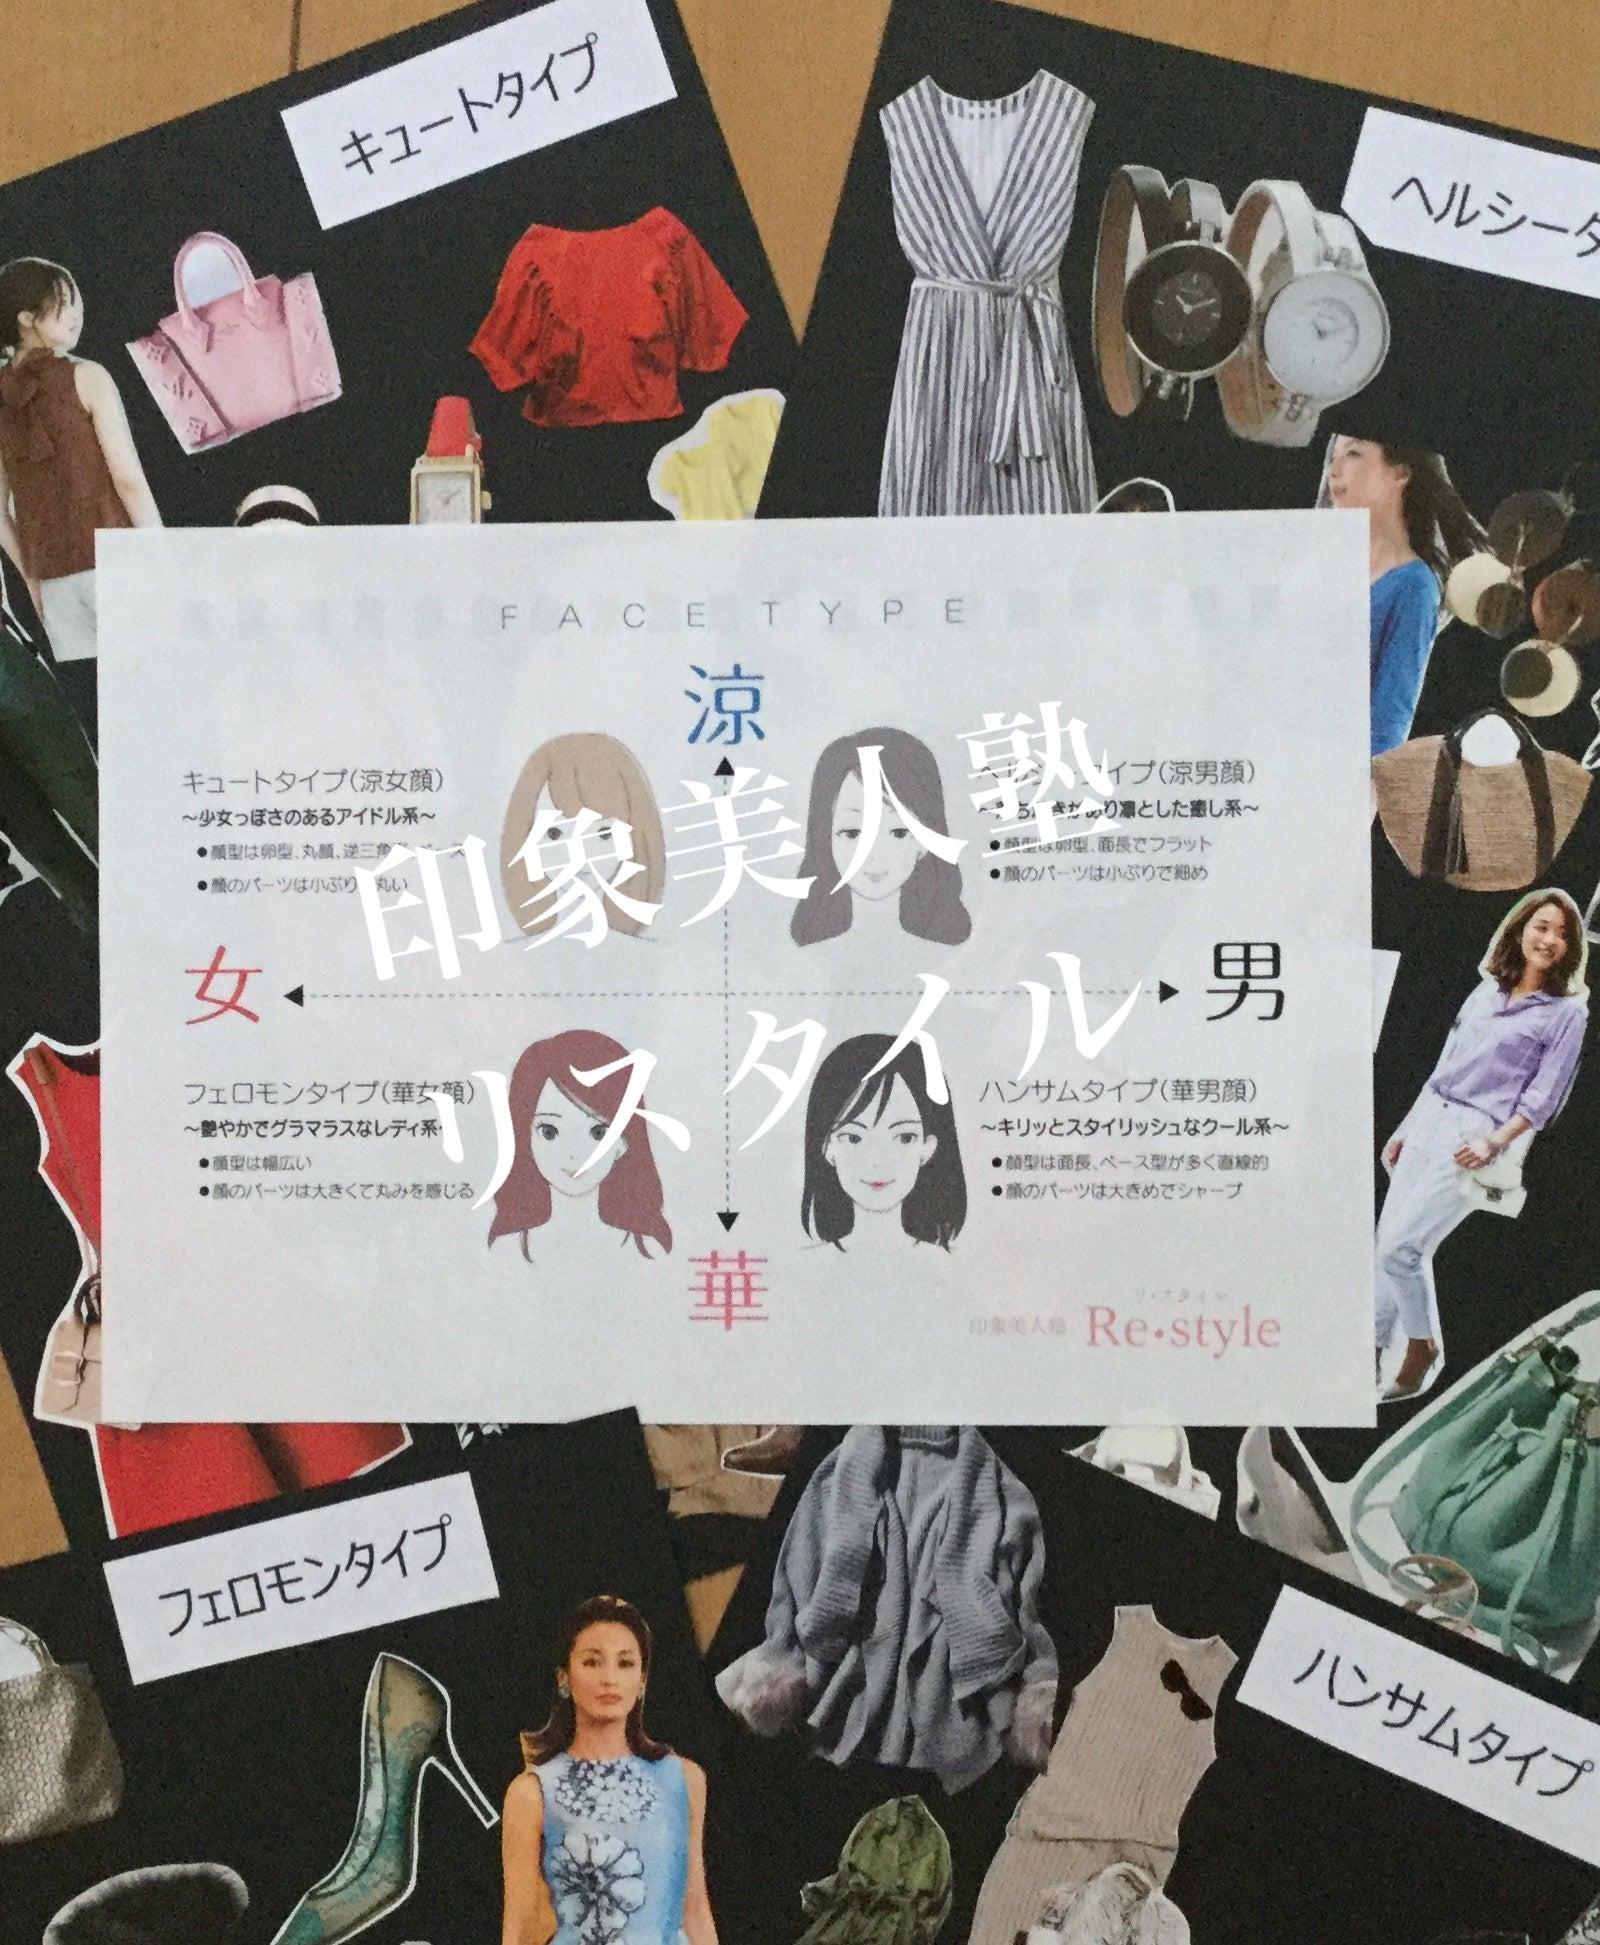 【LINE診断】あなたの骨格・顔型分析します | 印象美人塾四国 ...